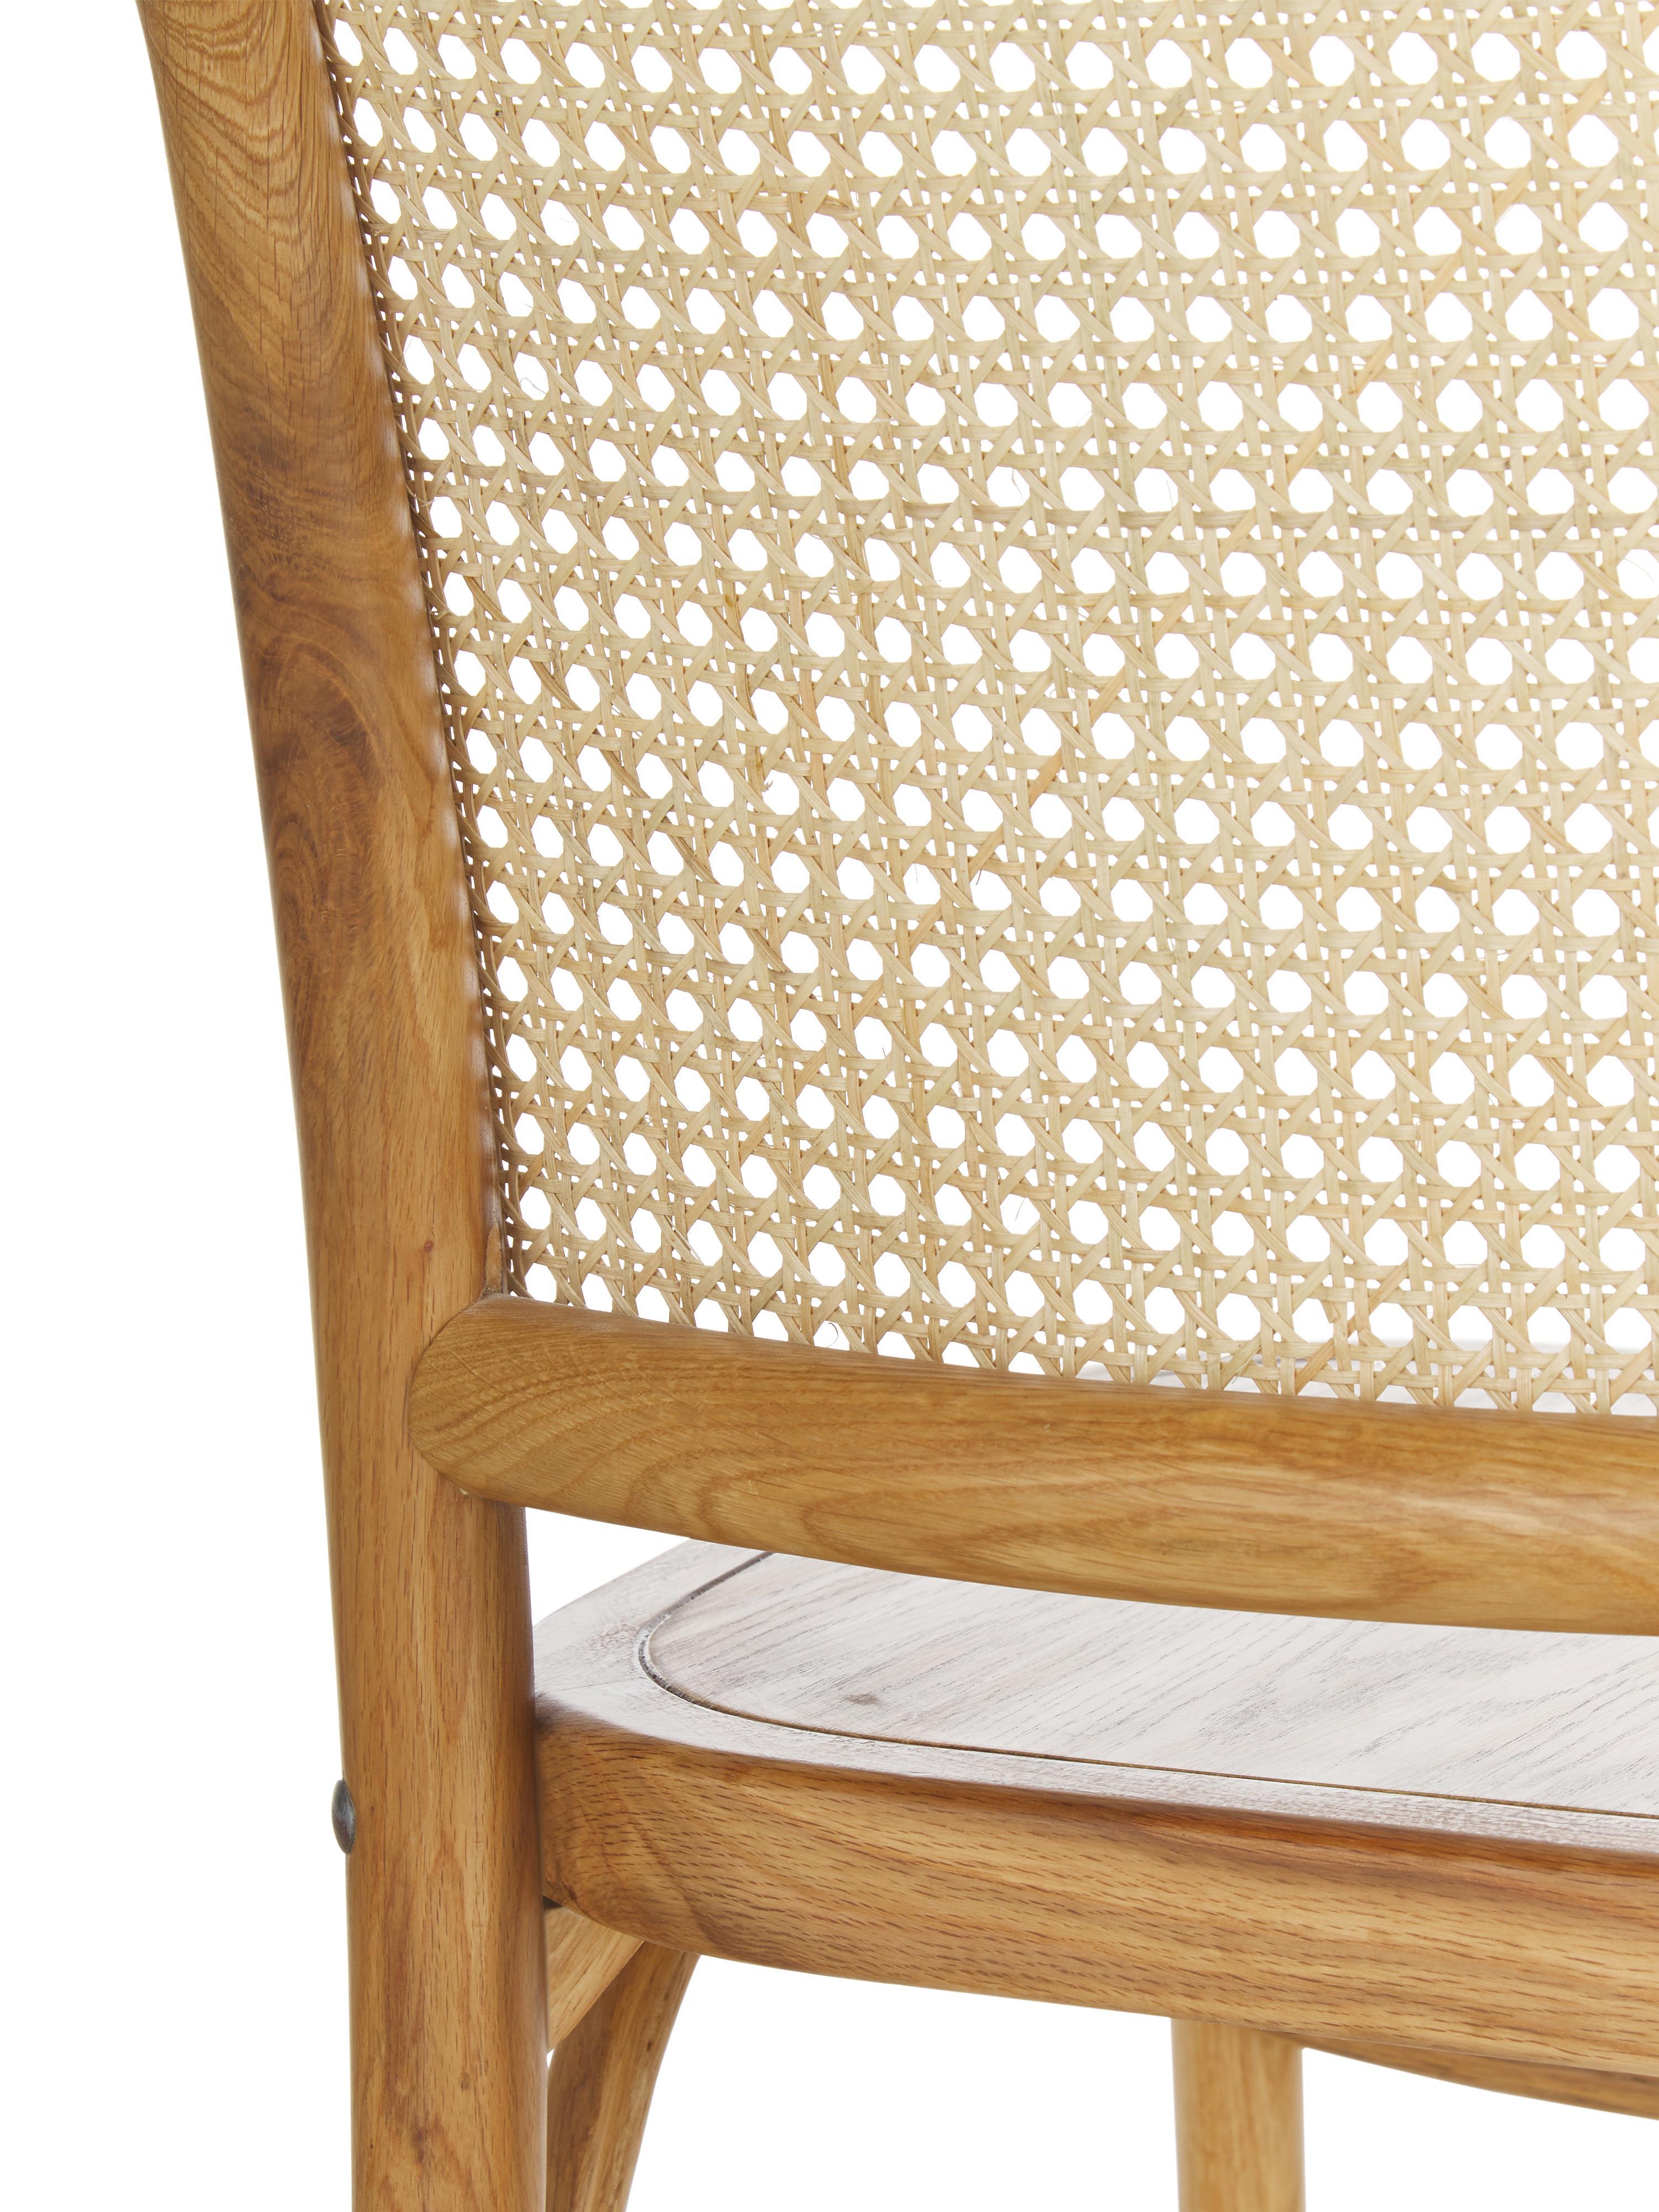 Holzstuhl Franz mit Wiener Geflecht, Sitzfläche: Sperrholz, lackiert, Gestell: Massives Eichenholz, lack, Rückenlehne: Rattan, Braun, B 48 x T 59 cm